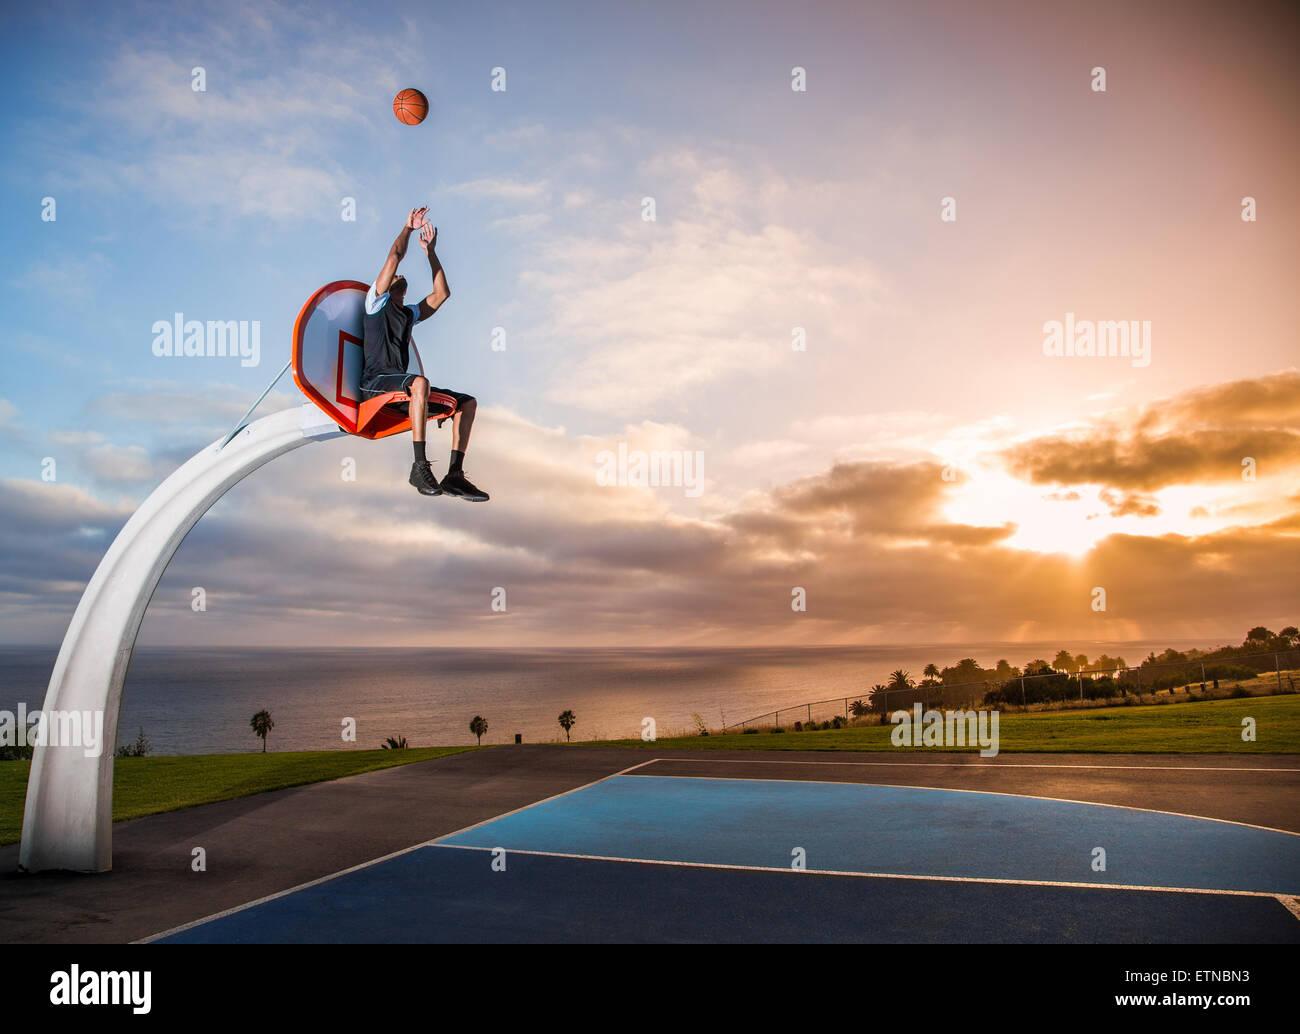 Giovane uomo seduto in un canestro da basket in un parco di Los Angeles, California, Stati Uniti d'America Immagini Stock